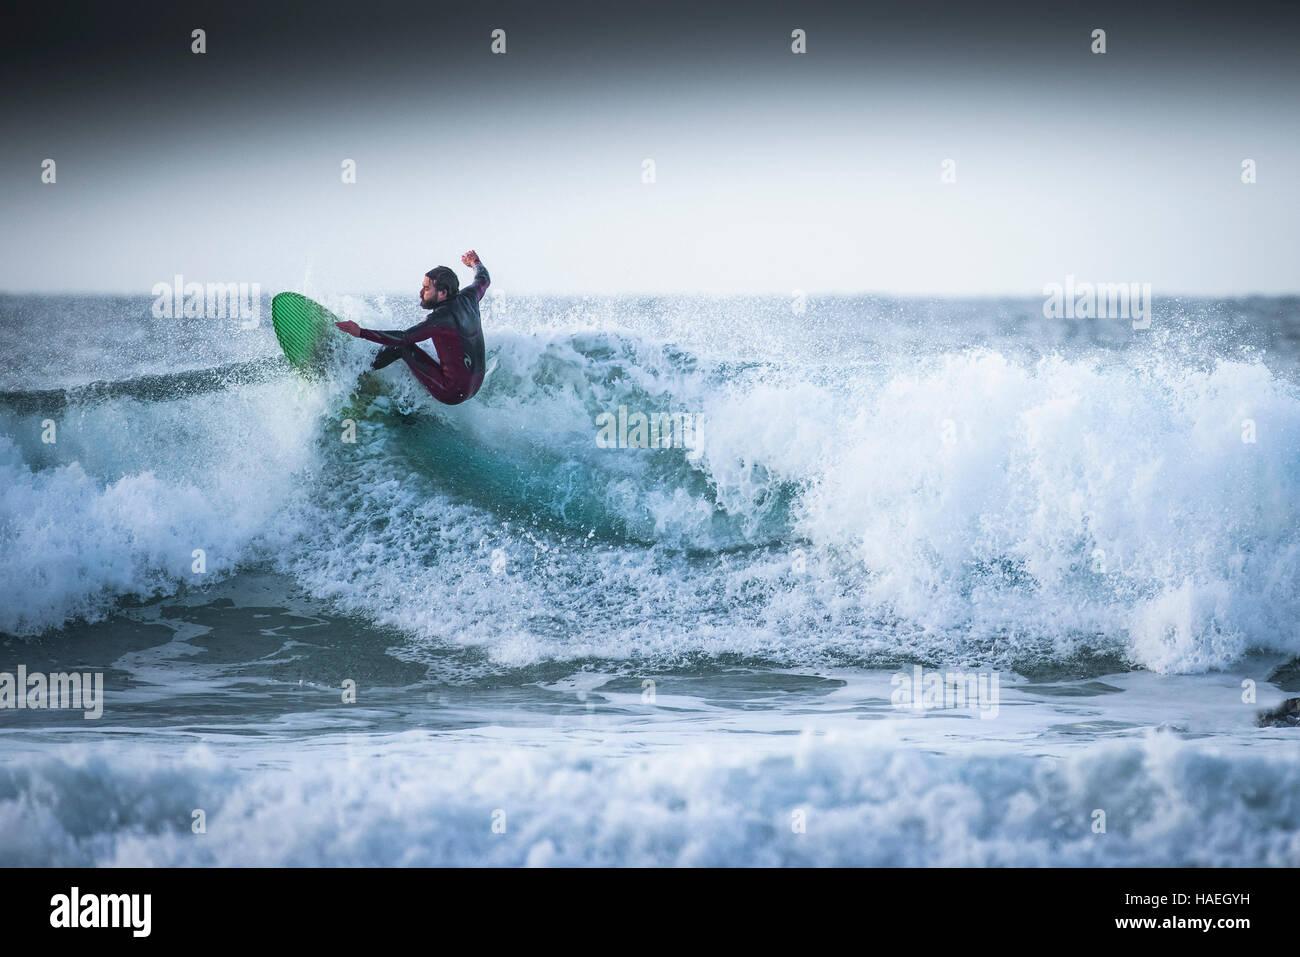 Ein Surfer reitet eine Welle an Fistral in Newquay, Cornwall. UK. Stockbild